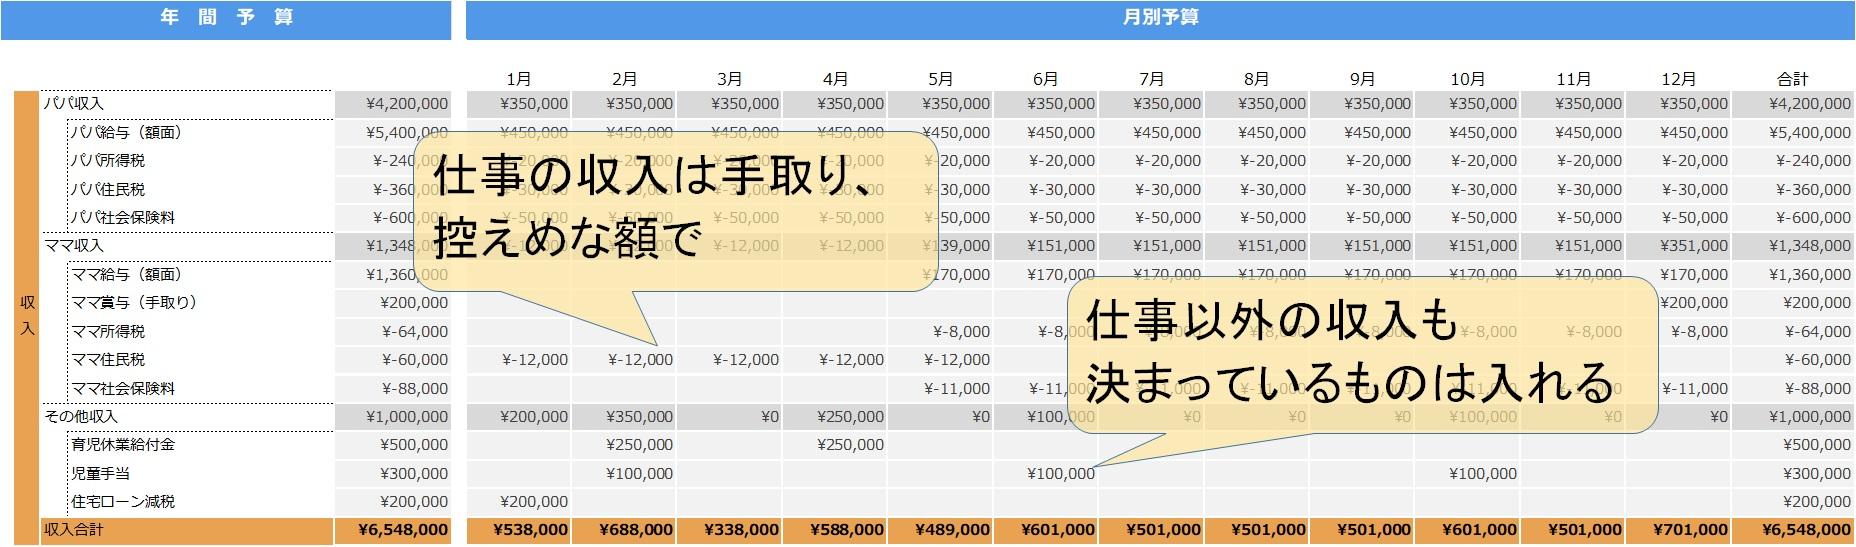 月別貯蓄目標の立て方の説明(収入)